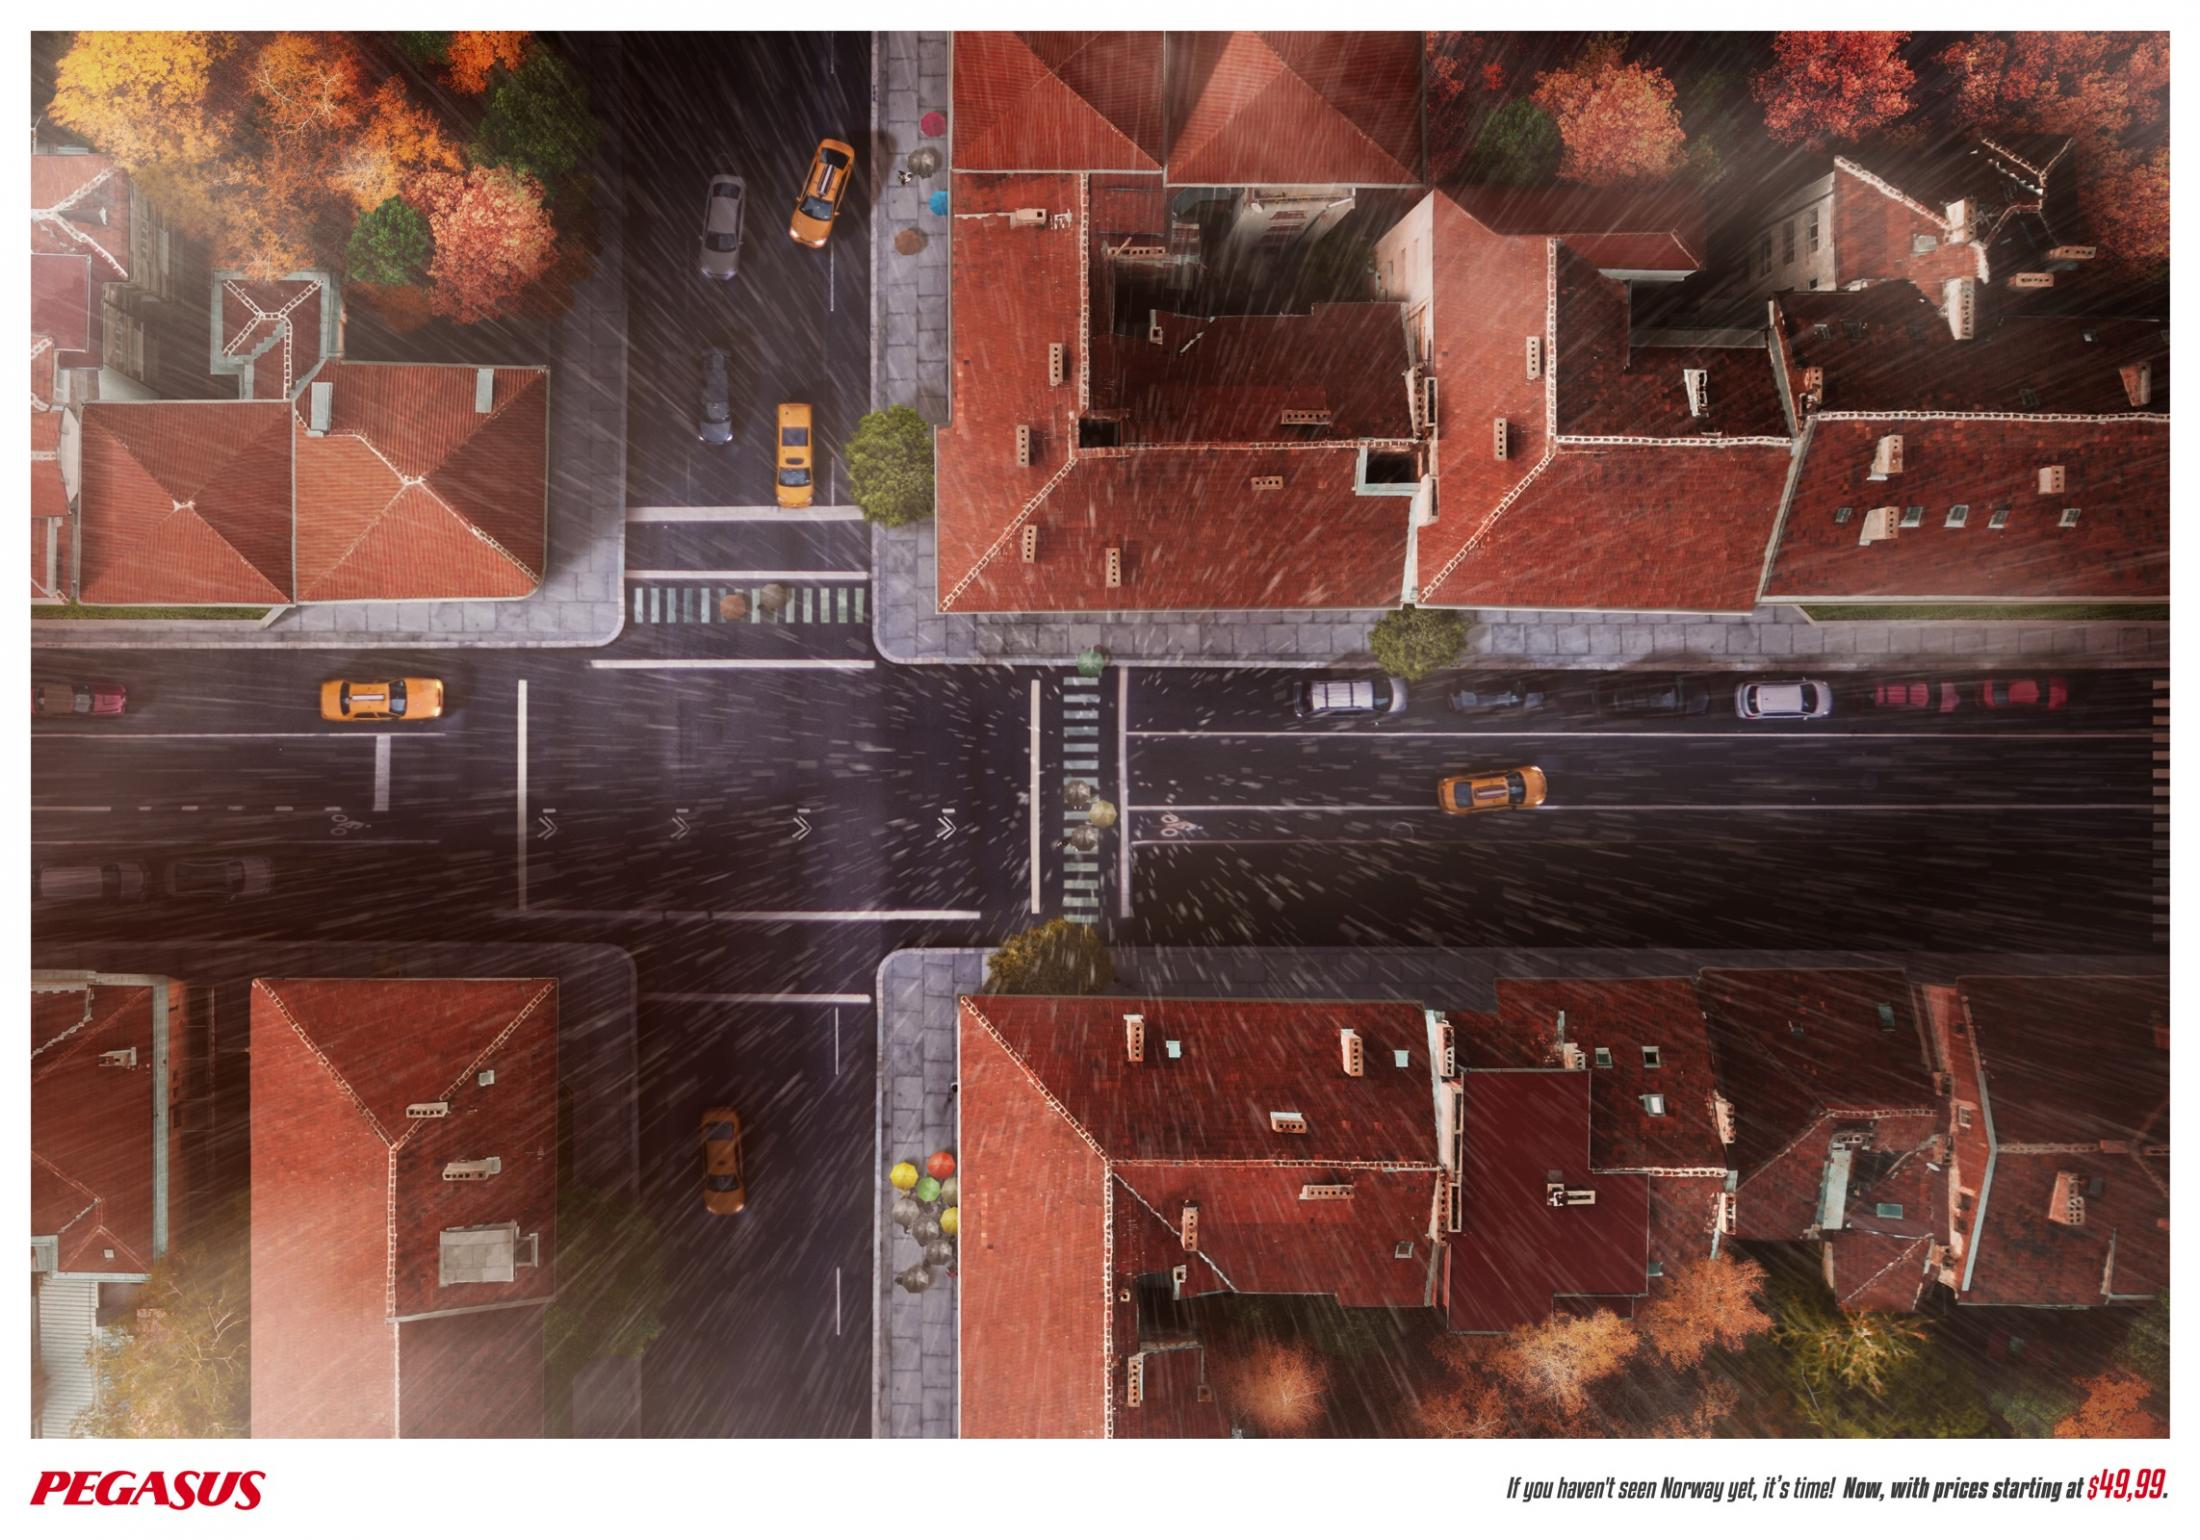 Norveç'i Hâlâ Görmediysen, Şimdi Tam Zamanı - PEGASUS-türkiyenin-reklamları